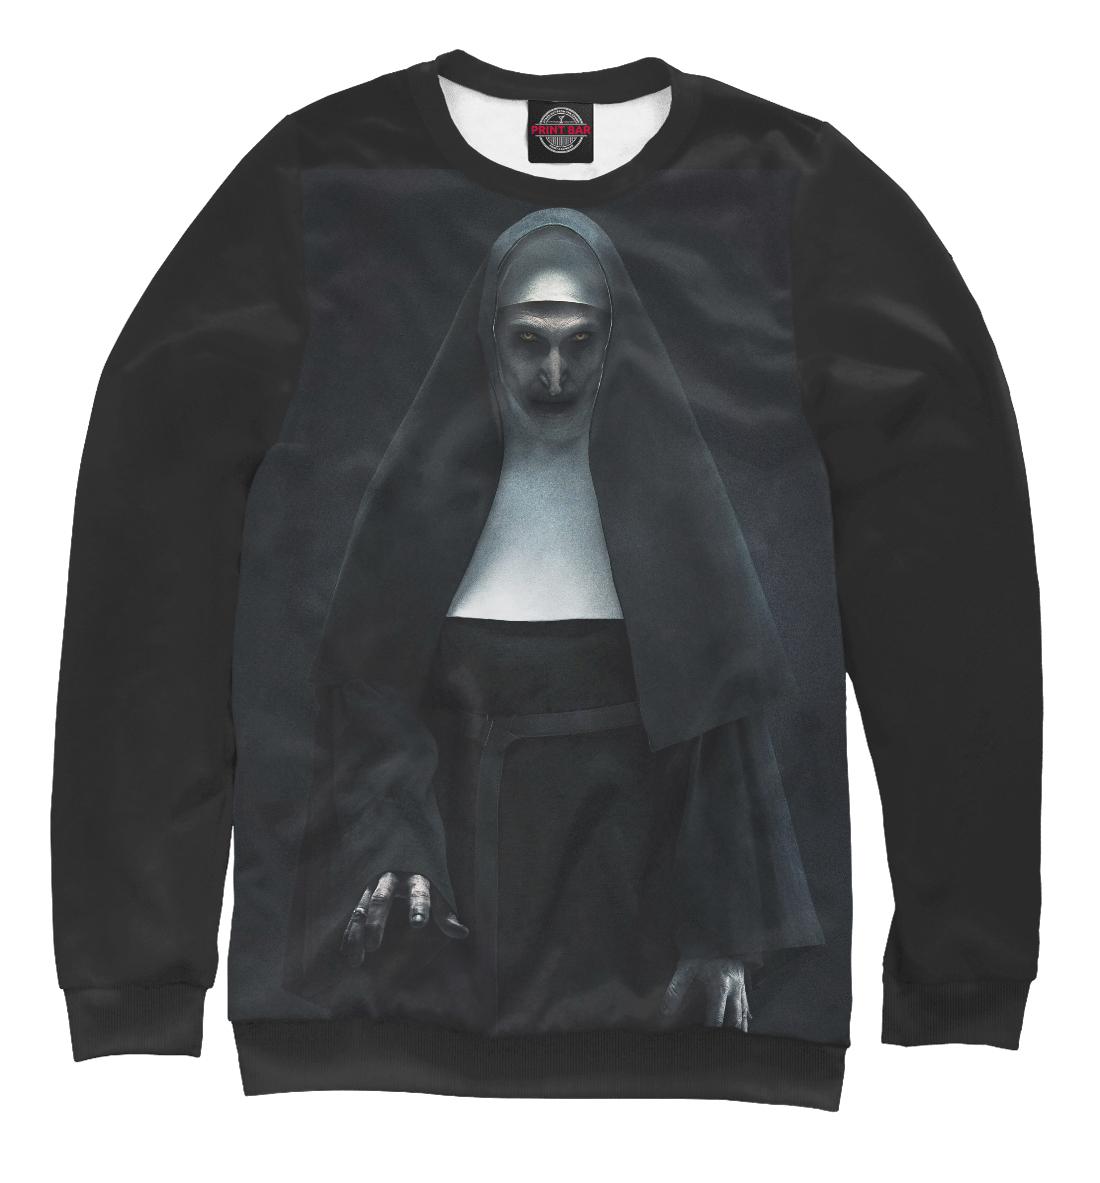 Купить Проклятие монахини, Printbar, Свитшоты, HOR-758891-swi-2